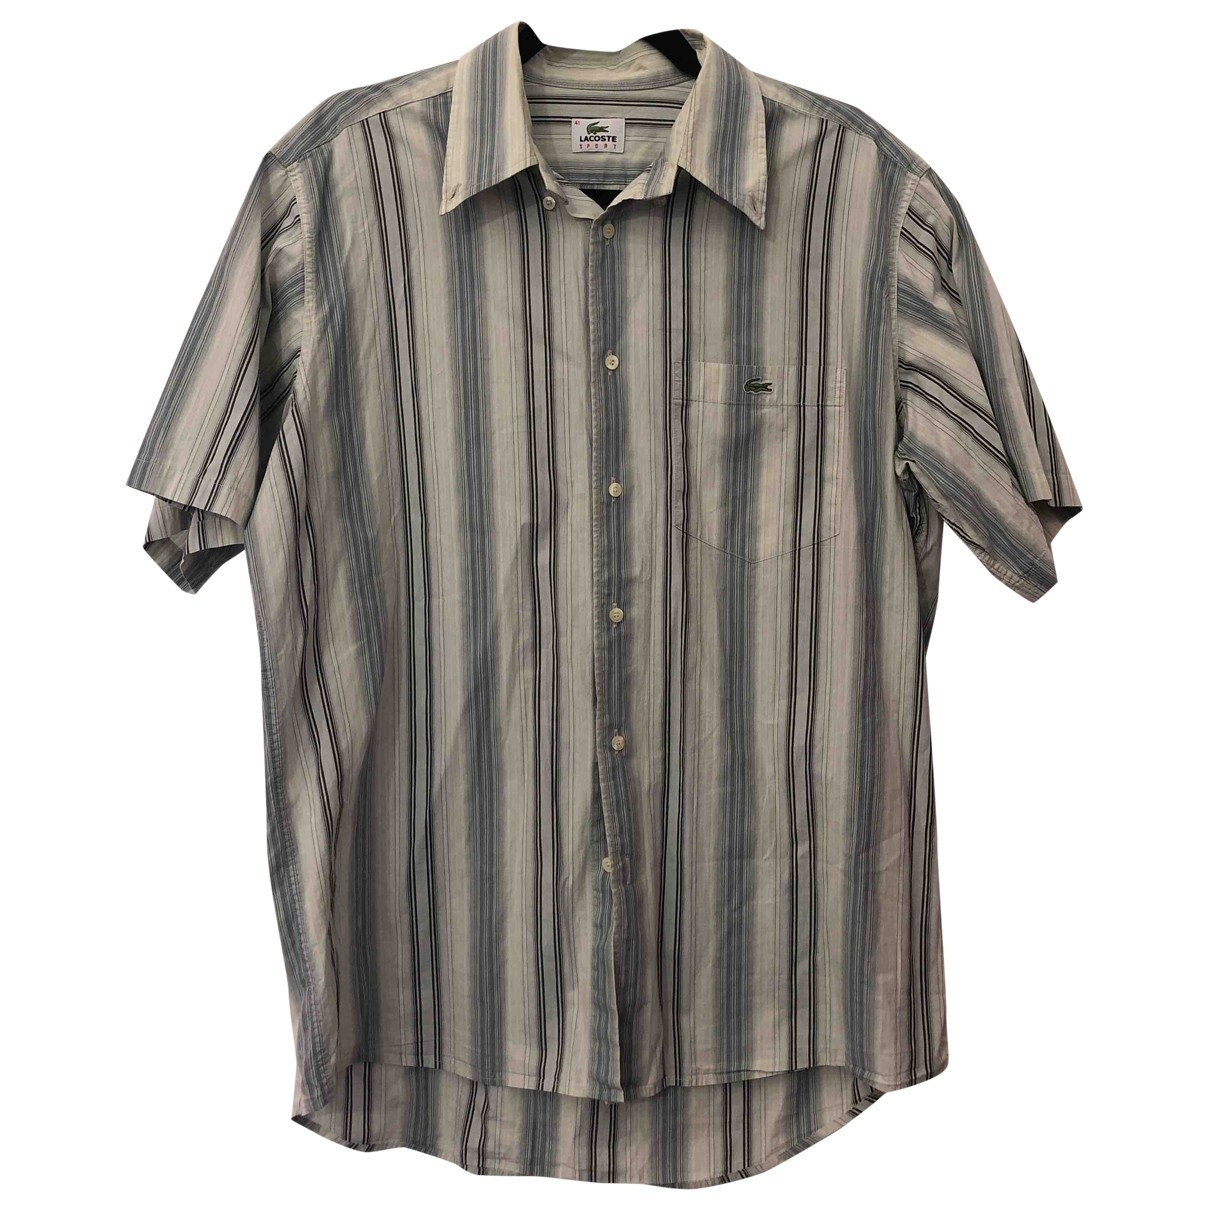 Lacoste - Chemises   pour homme en coton - multicolore